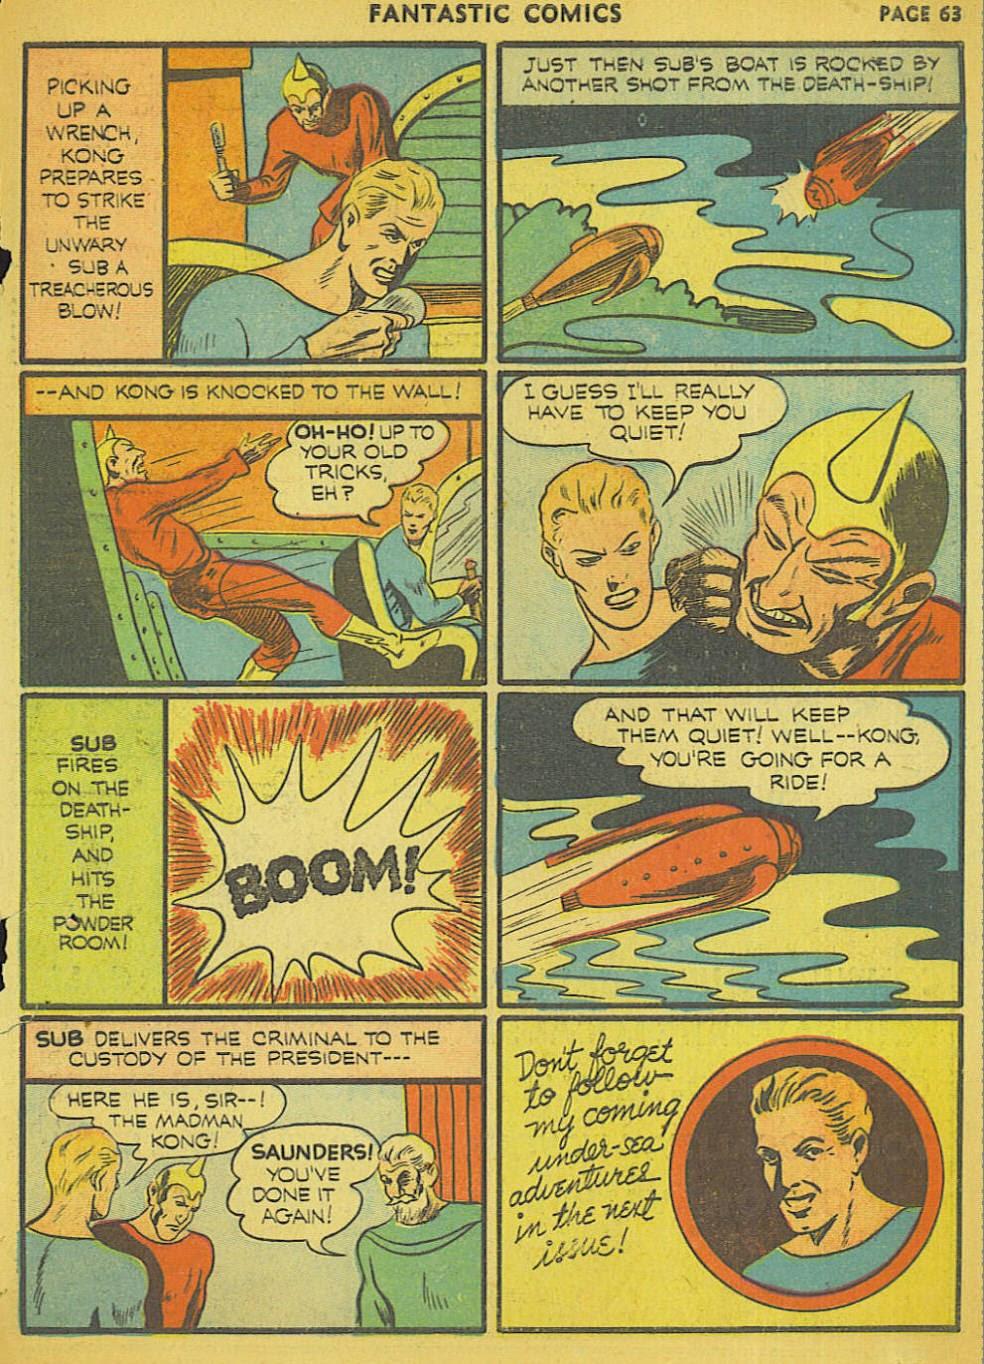 Read online Fantastic Comics comic -  Issue #15 - 59